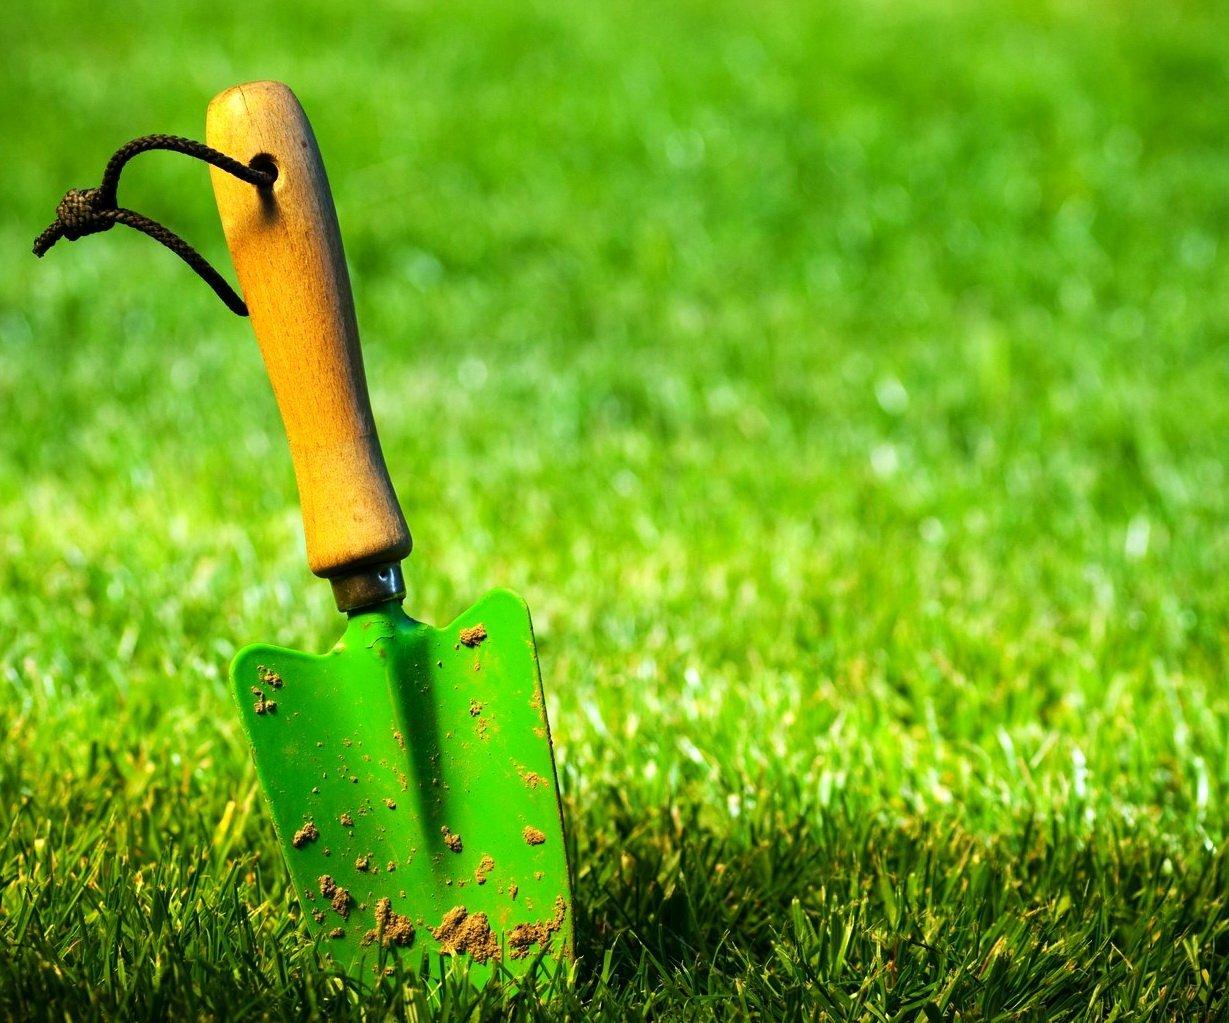 Борьба с сорняками на газоне: обзор методов защиты газонной травы